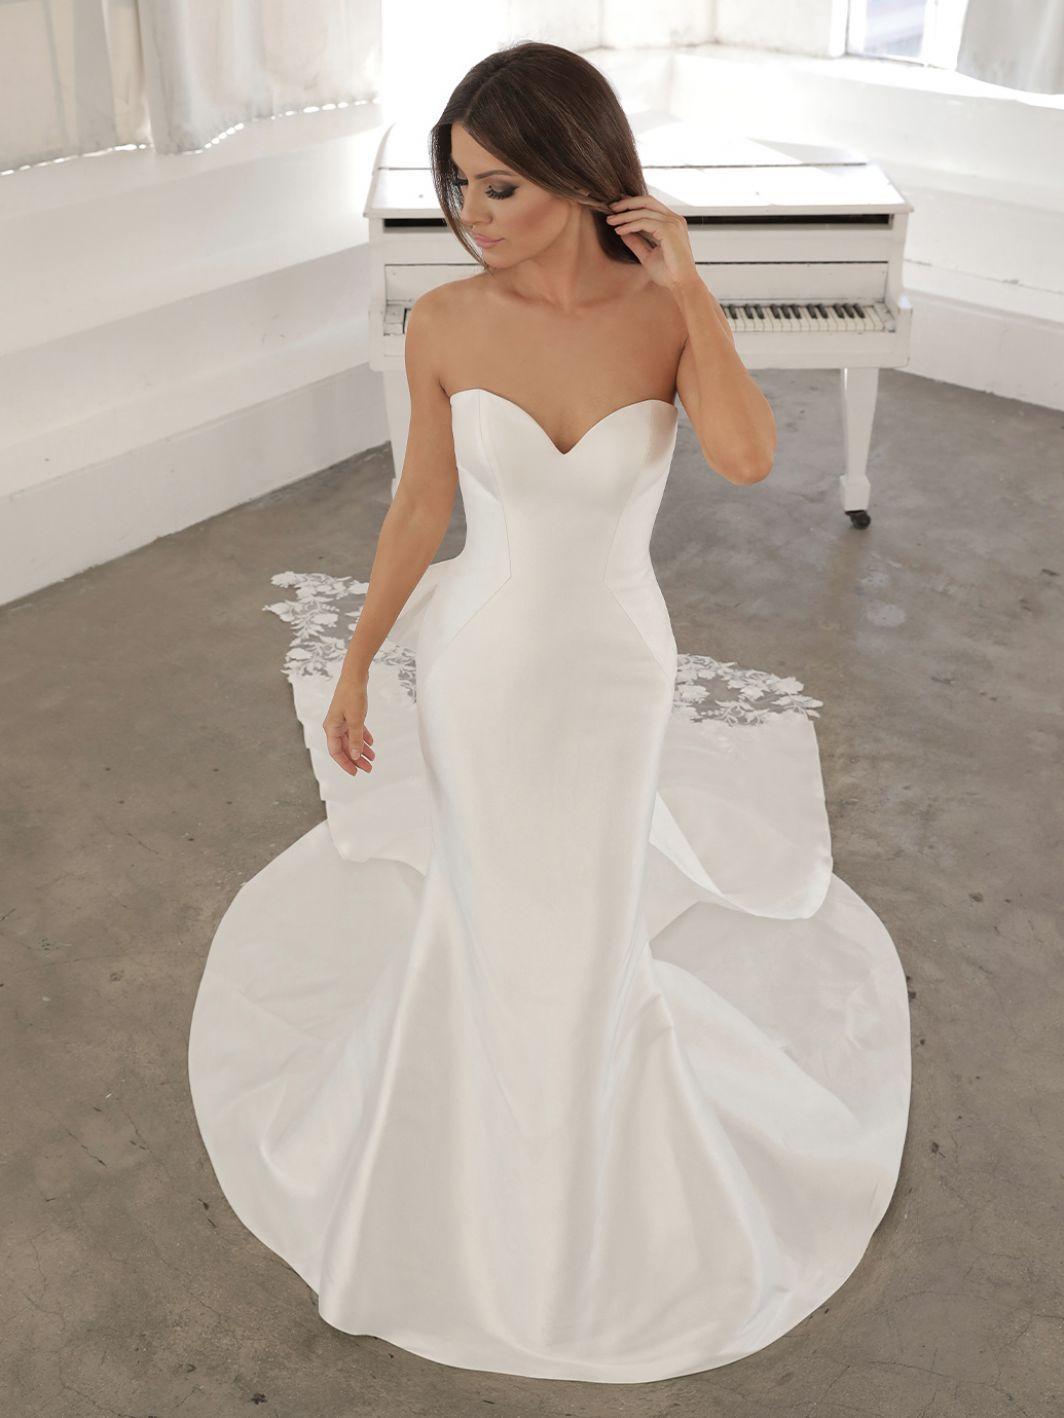 Nanelle 2021 Blue By Enzoani Enzoani Enzoani Wedding Dresses Wedding Dresses Strapless Wedding Dress Mermaid [ 1418 x 1064 Pixel ]